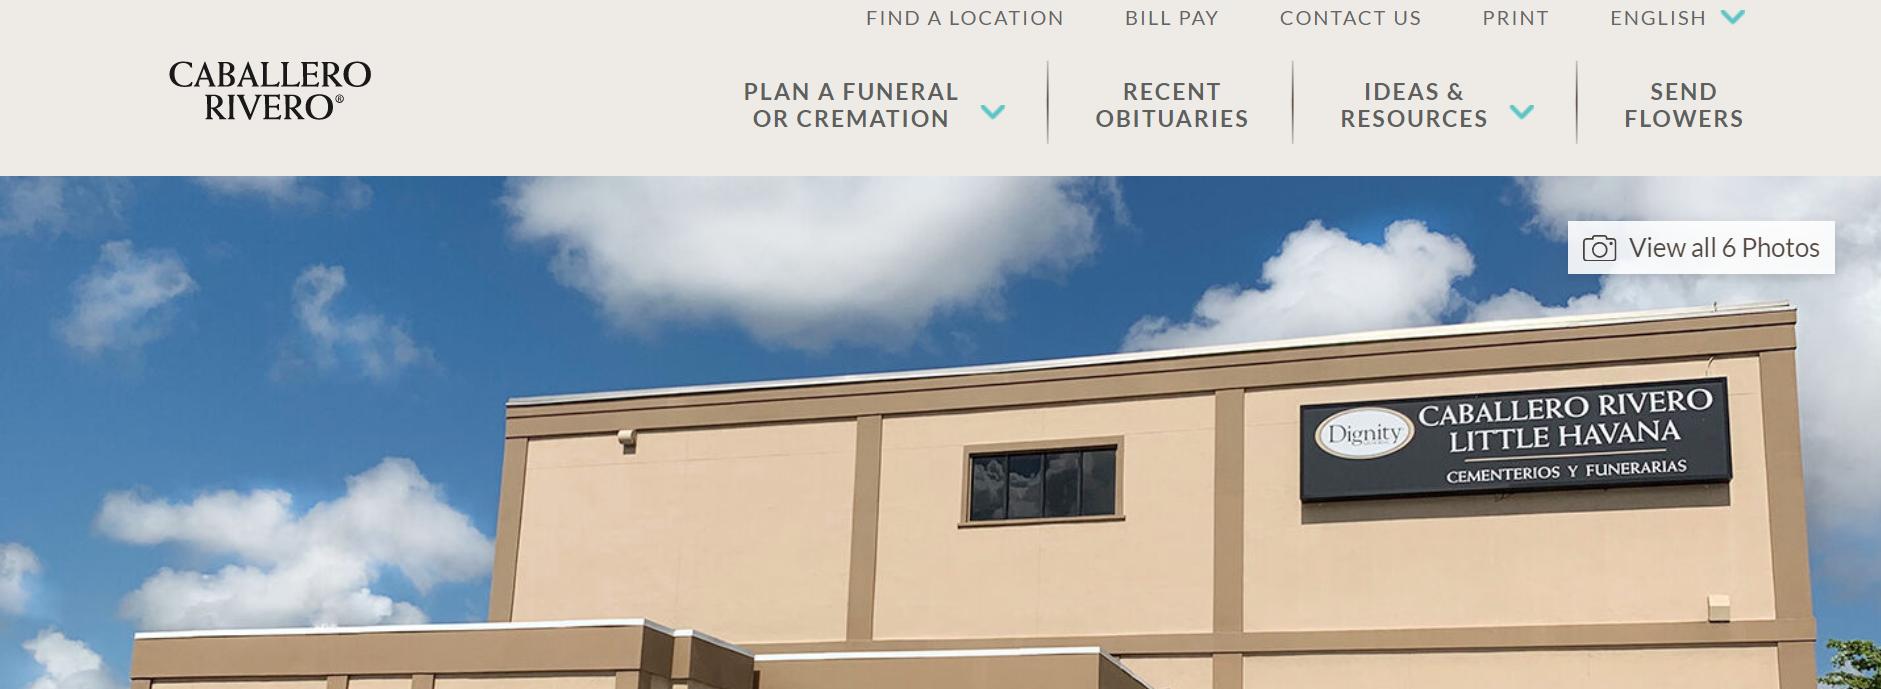 Caballero Rivero Funeral Homes in Miami